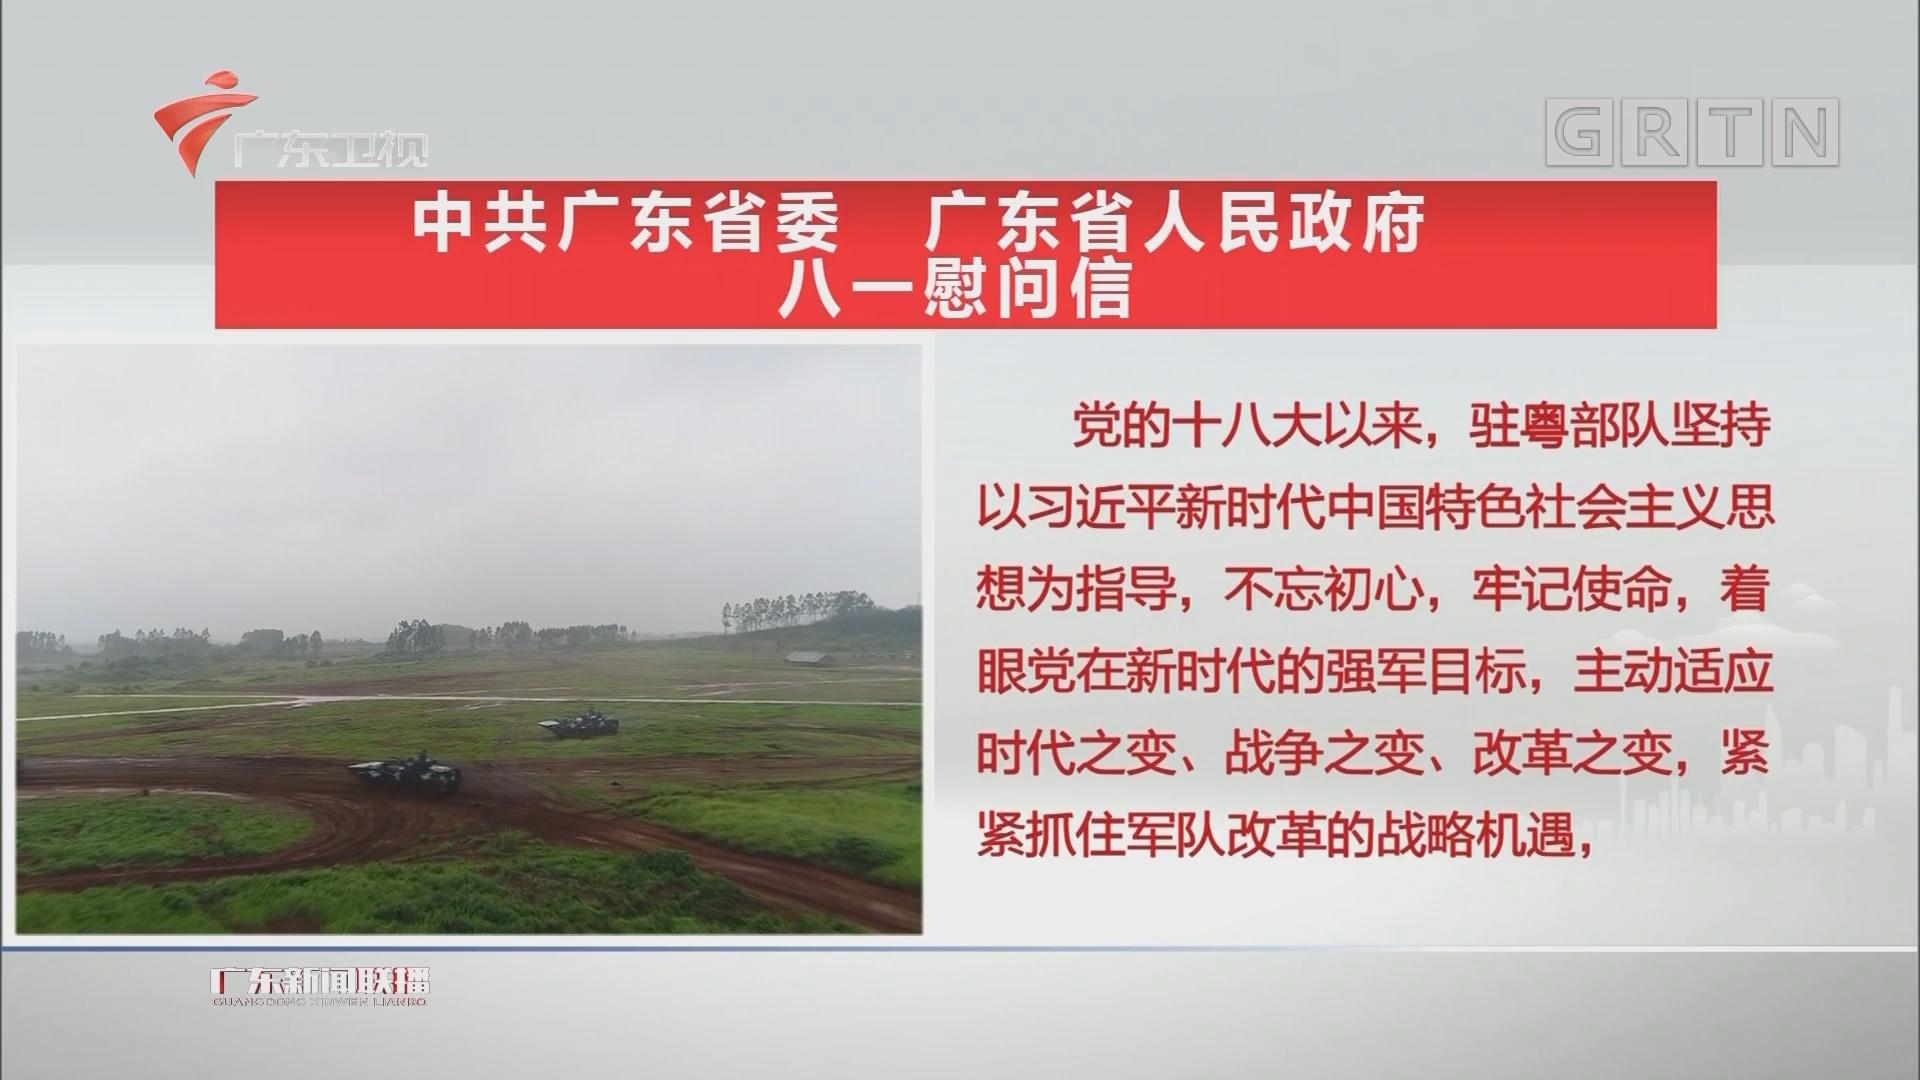 中共广东省委 广东省人民政府 八一慰问信